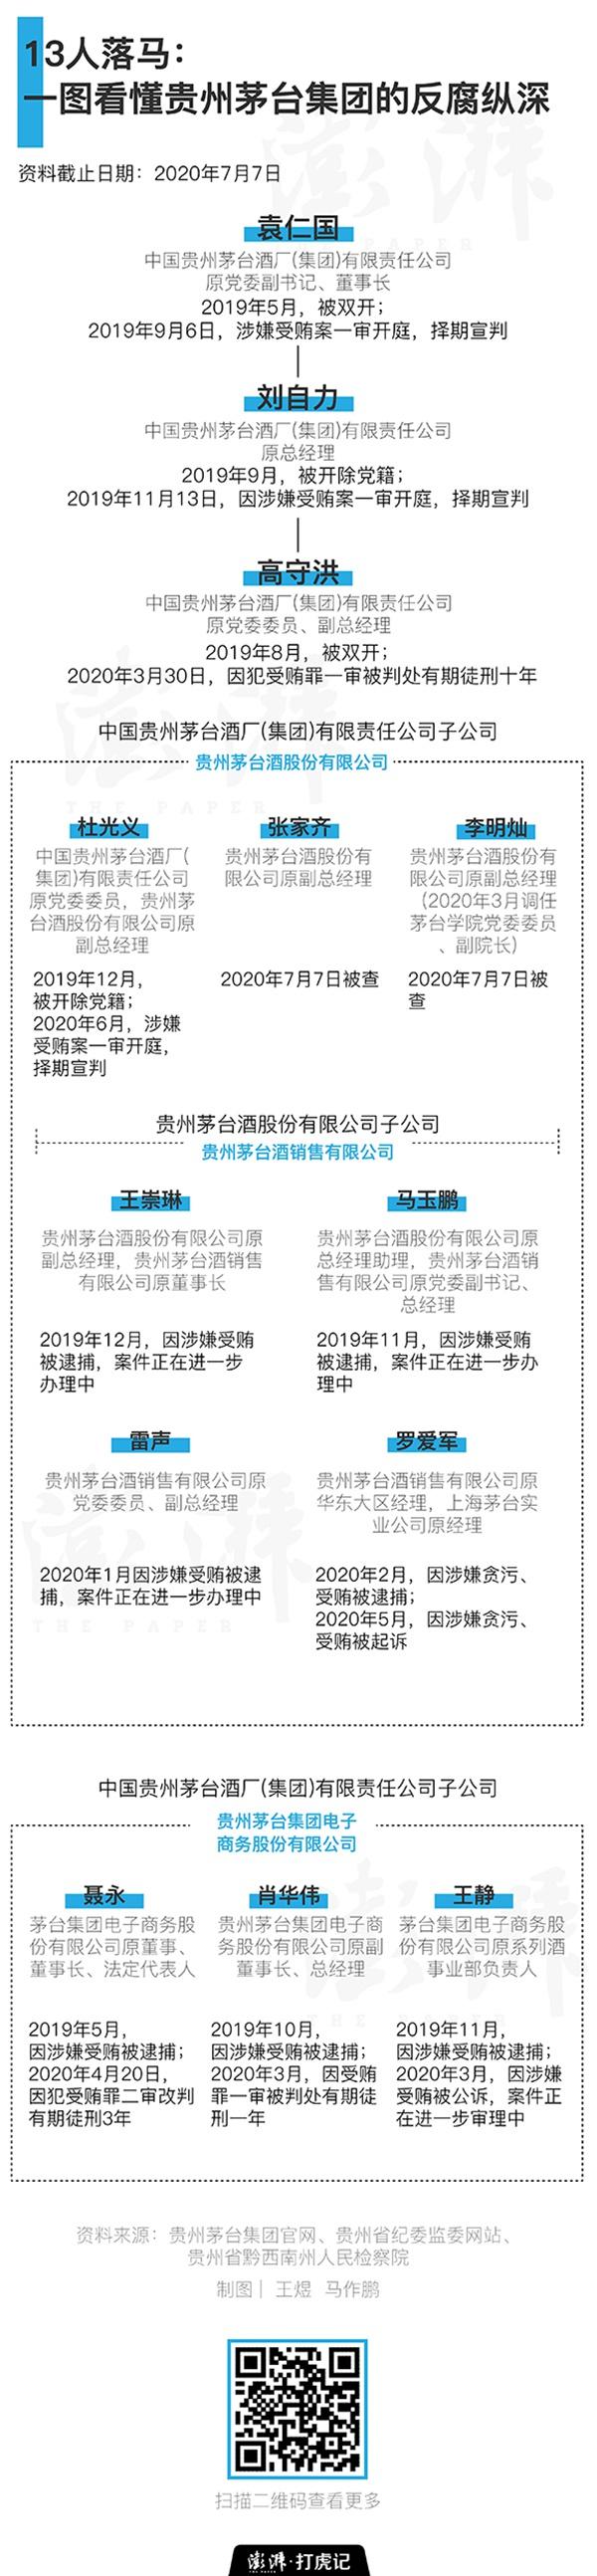 13人落马:一图看懂贵州茅台集团的反腐纵深图片